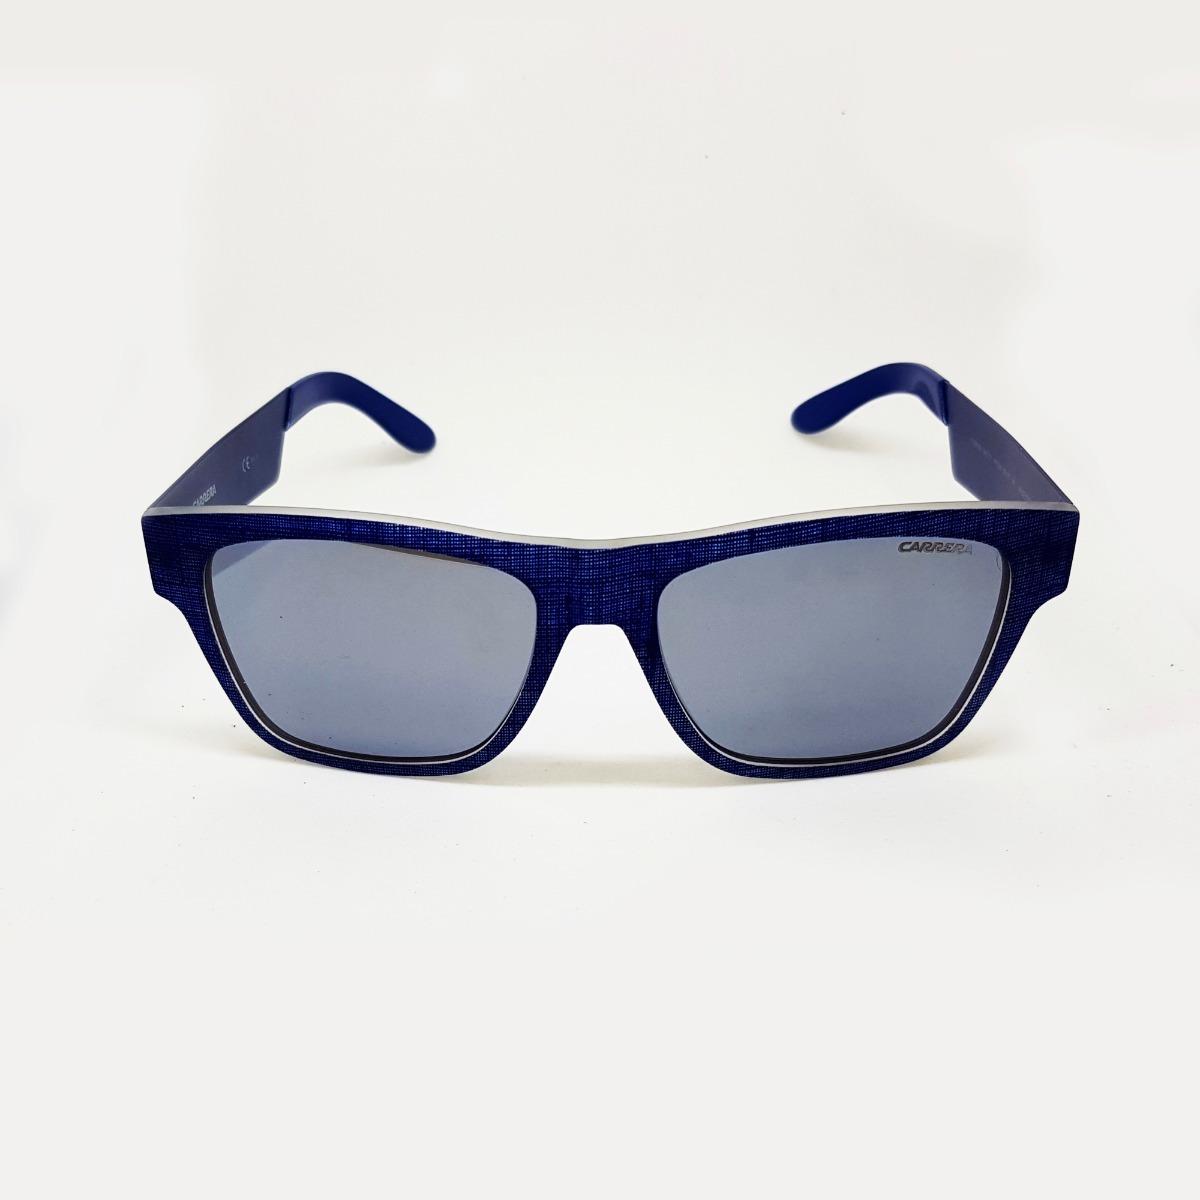 bd83129d55938 Óculos De Sol Carrera 5002 tx - R  501,00 em Mercado Livre